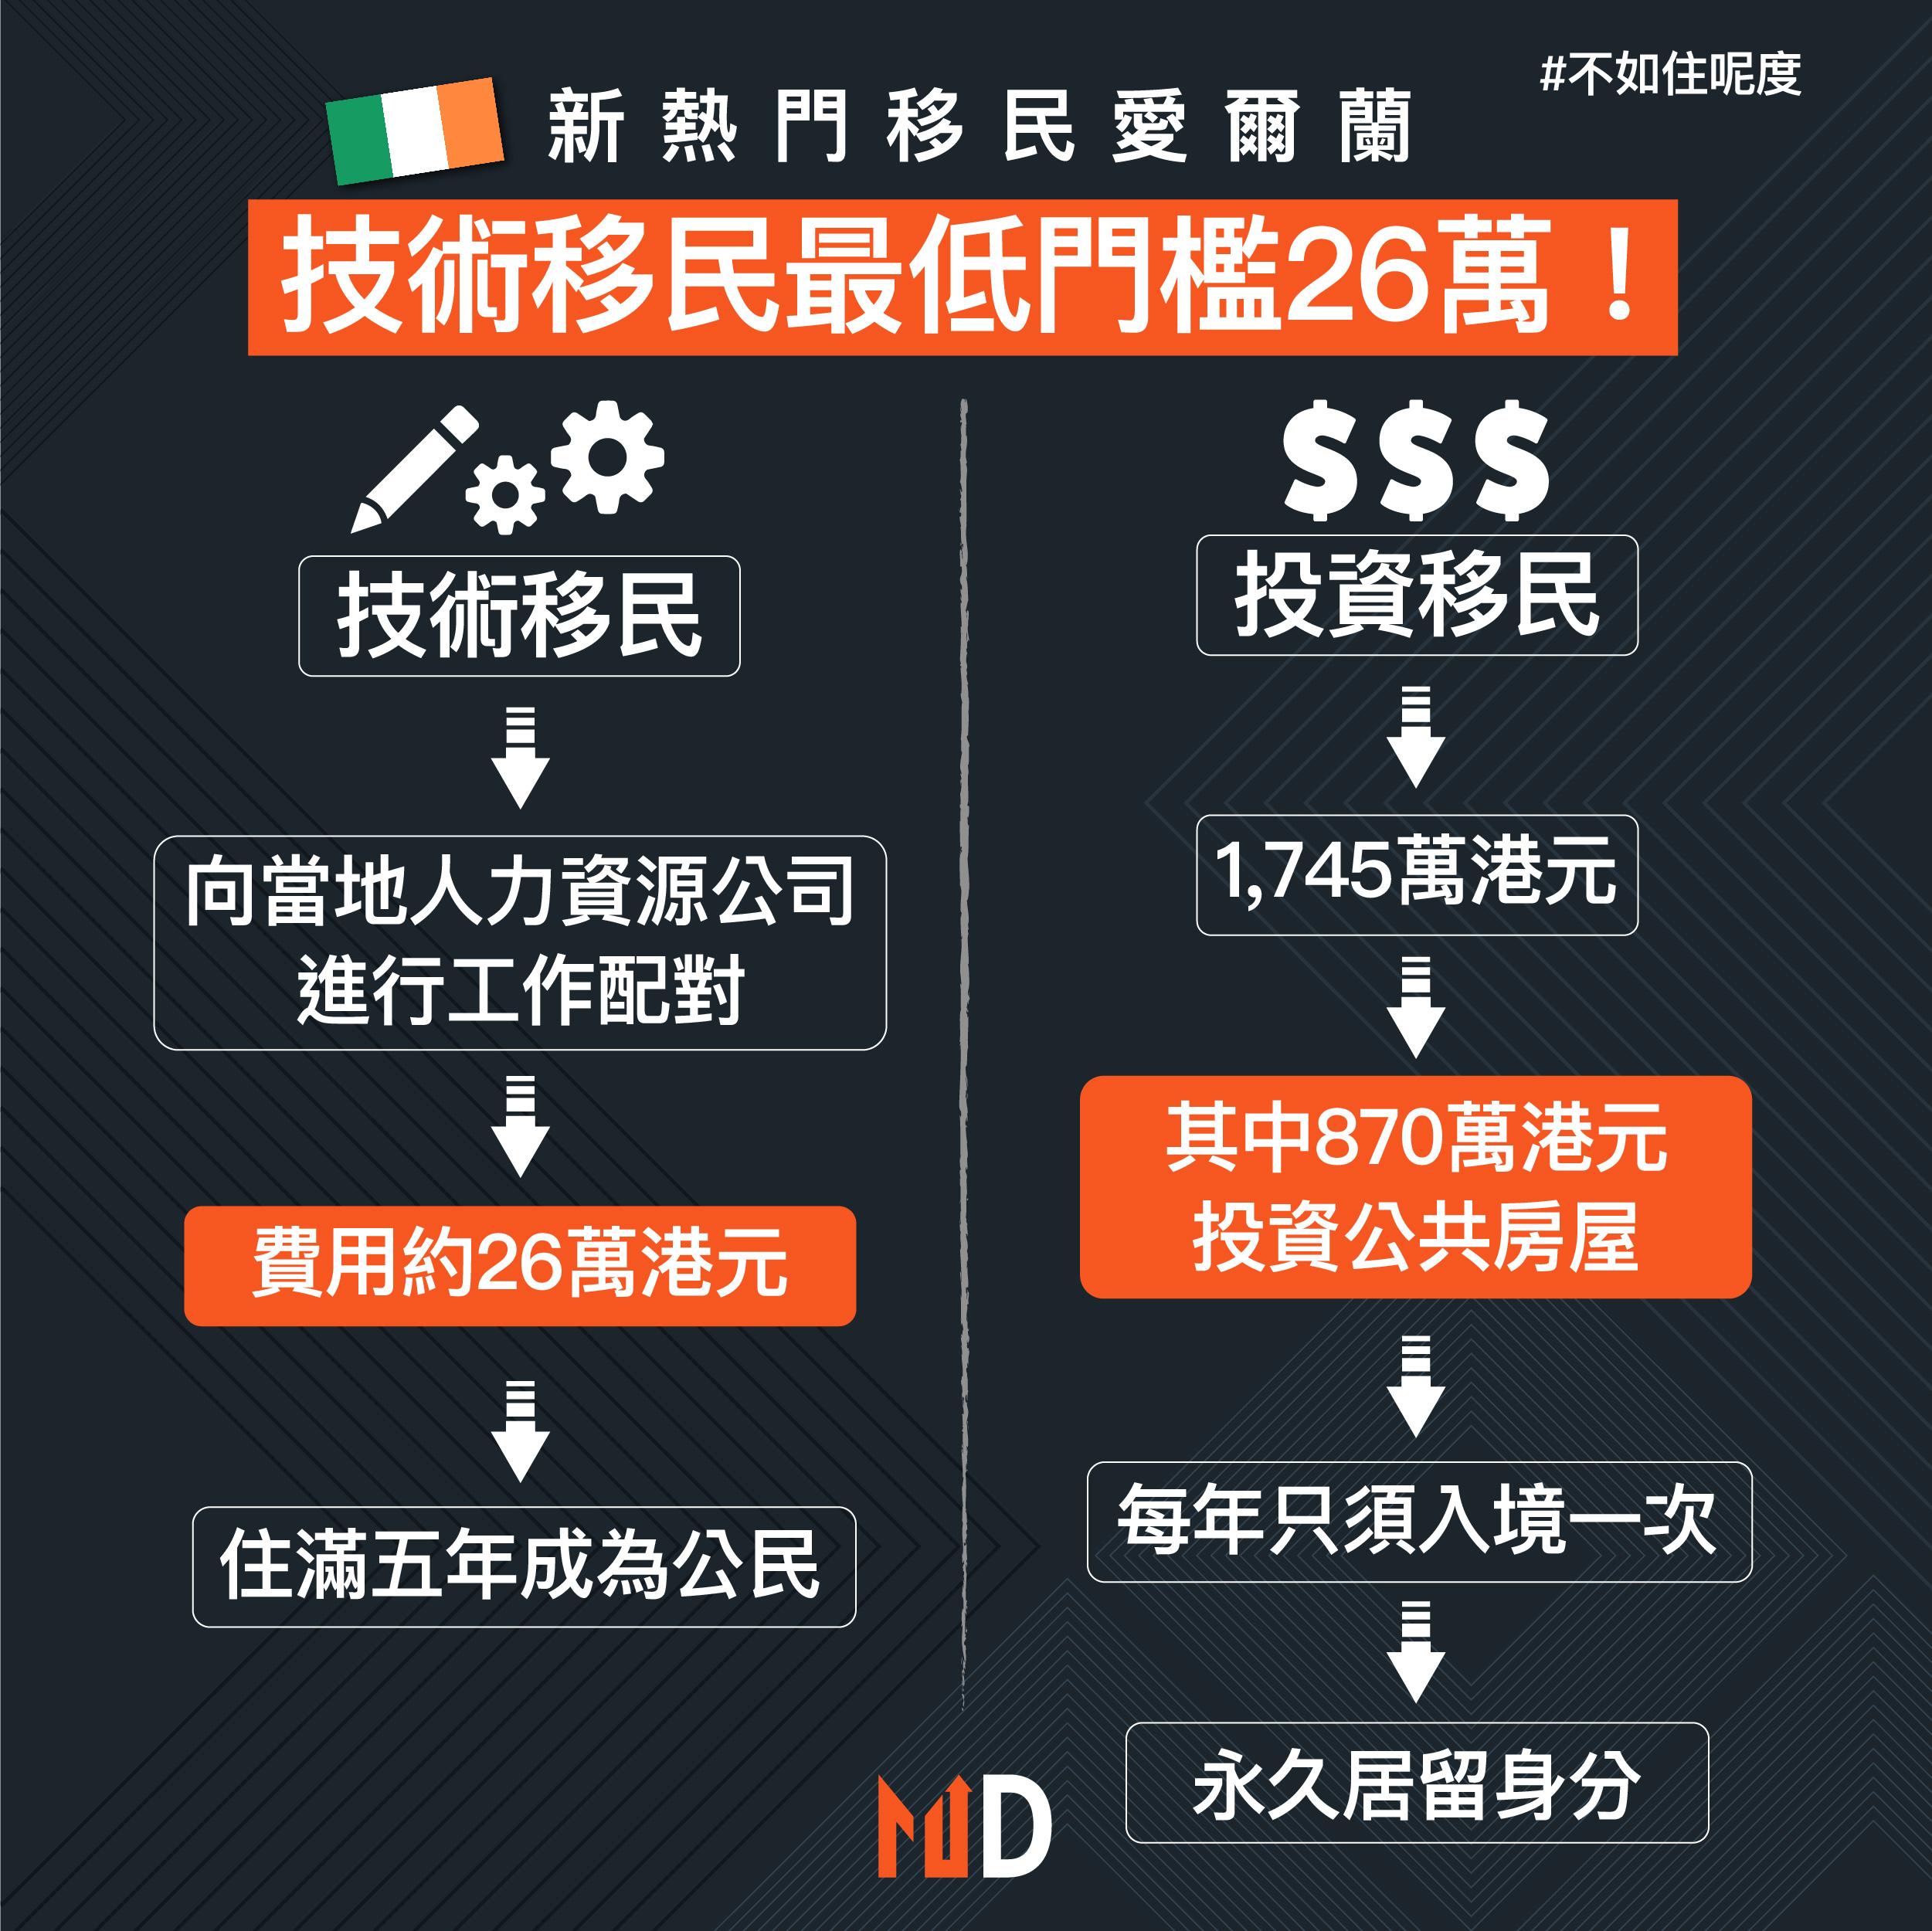 【不如住呢度】新熱門移民愛爾蘭 技術移民最低門檻26萬!